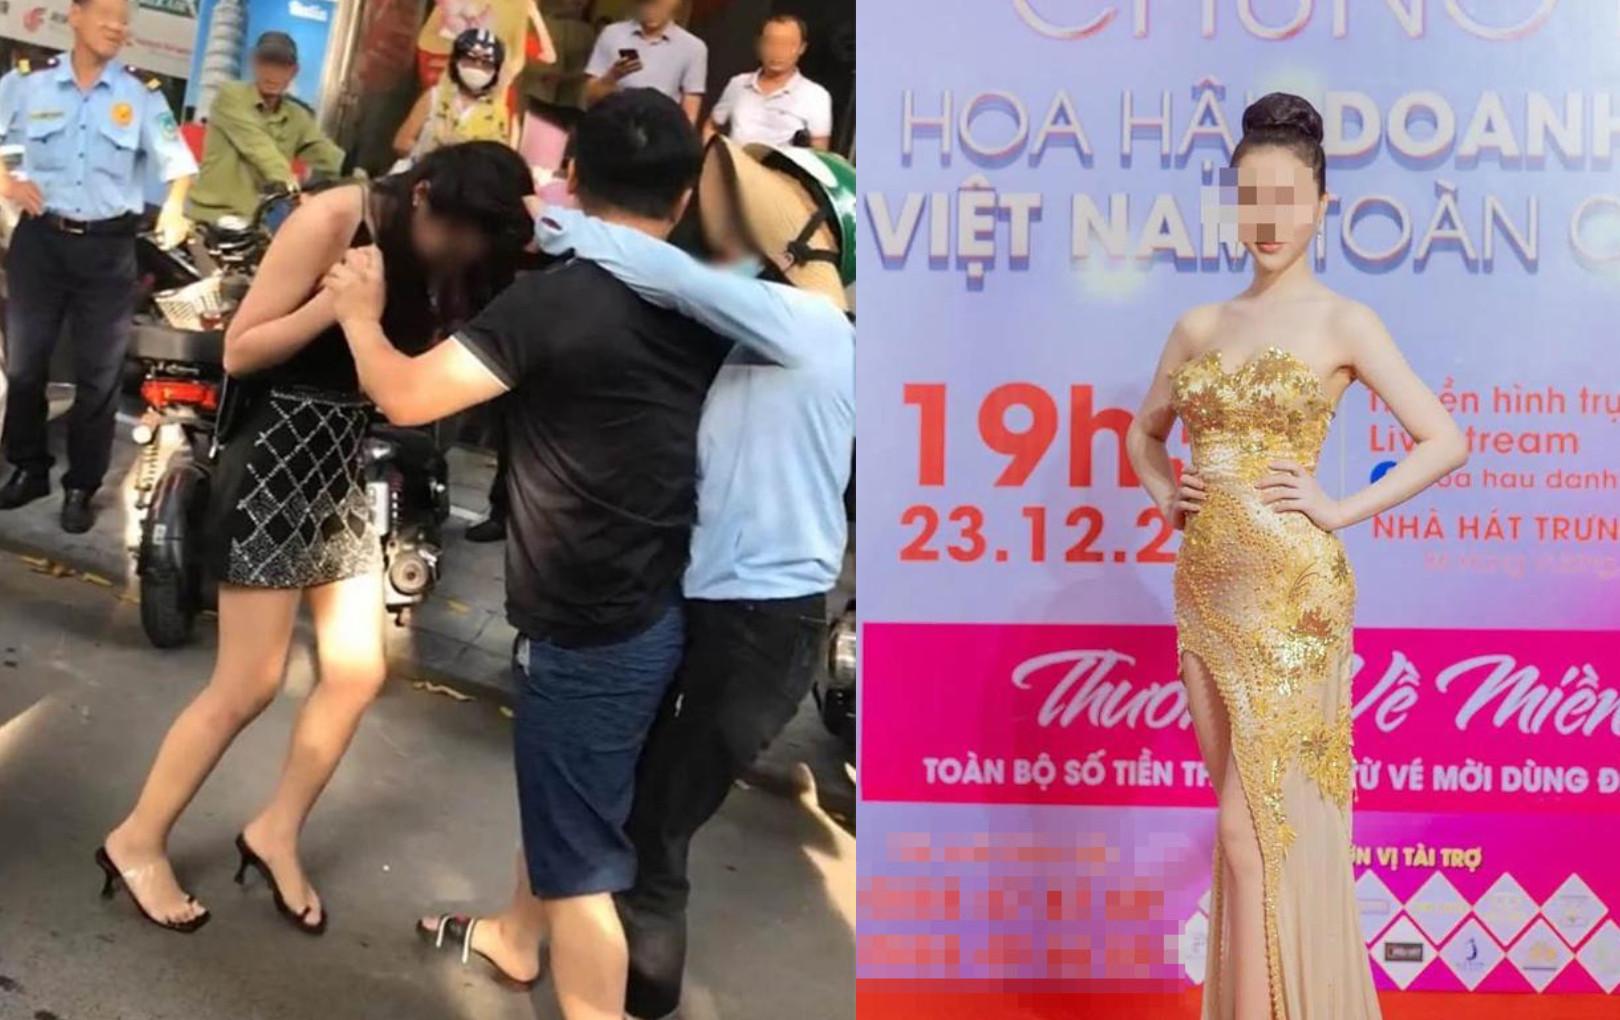 Cô gái bị đánh ghen trên phố Lý Nam Đế khoe vào chung kết cuộc thi Hoa hậu, sẽ thẳng tiến showbiz?